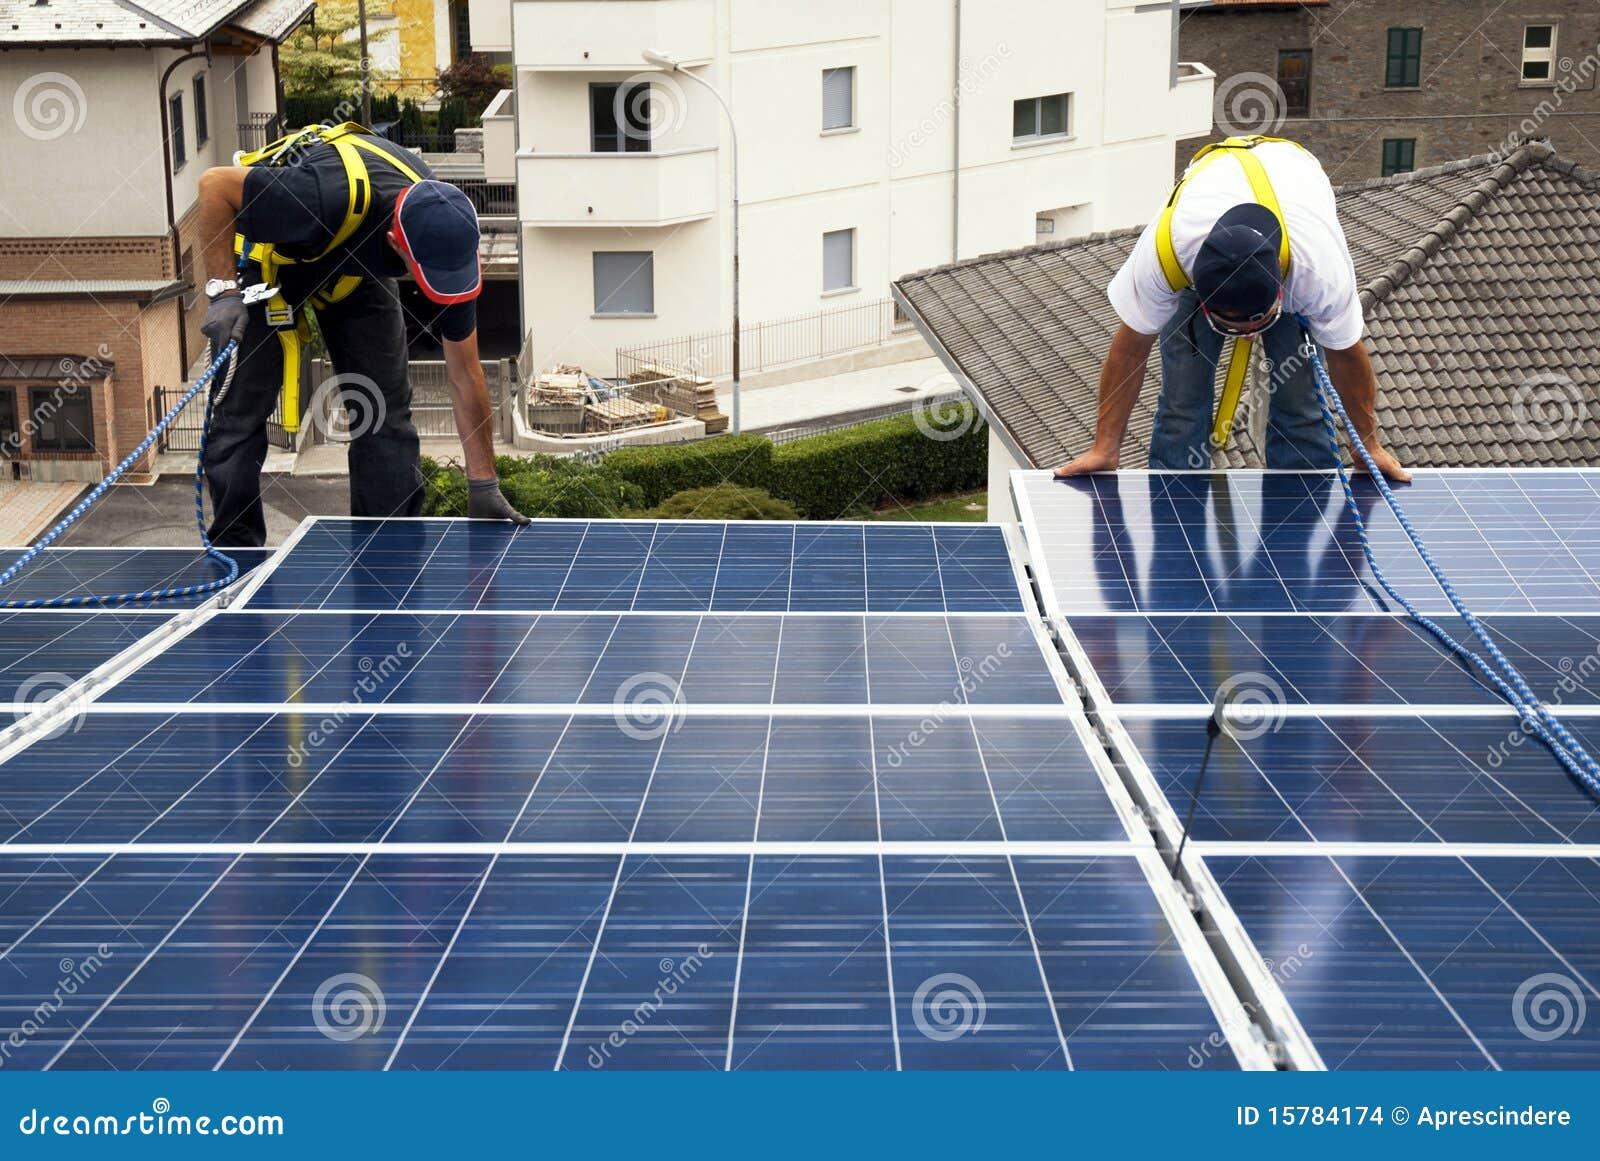 Het installeren van zonnepanelen